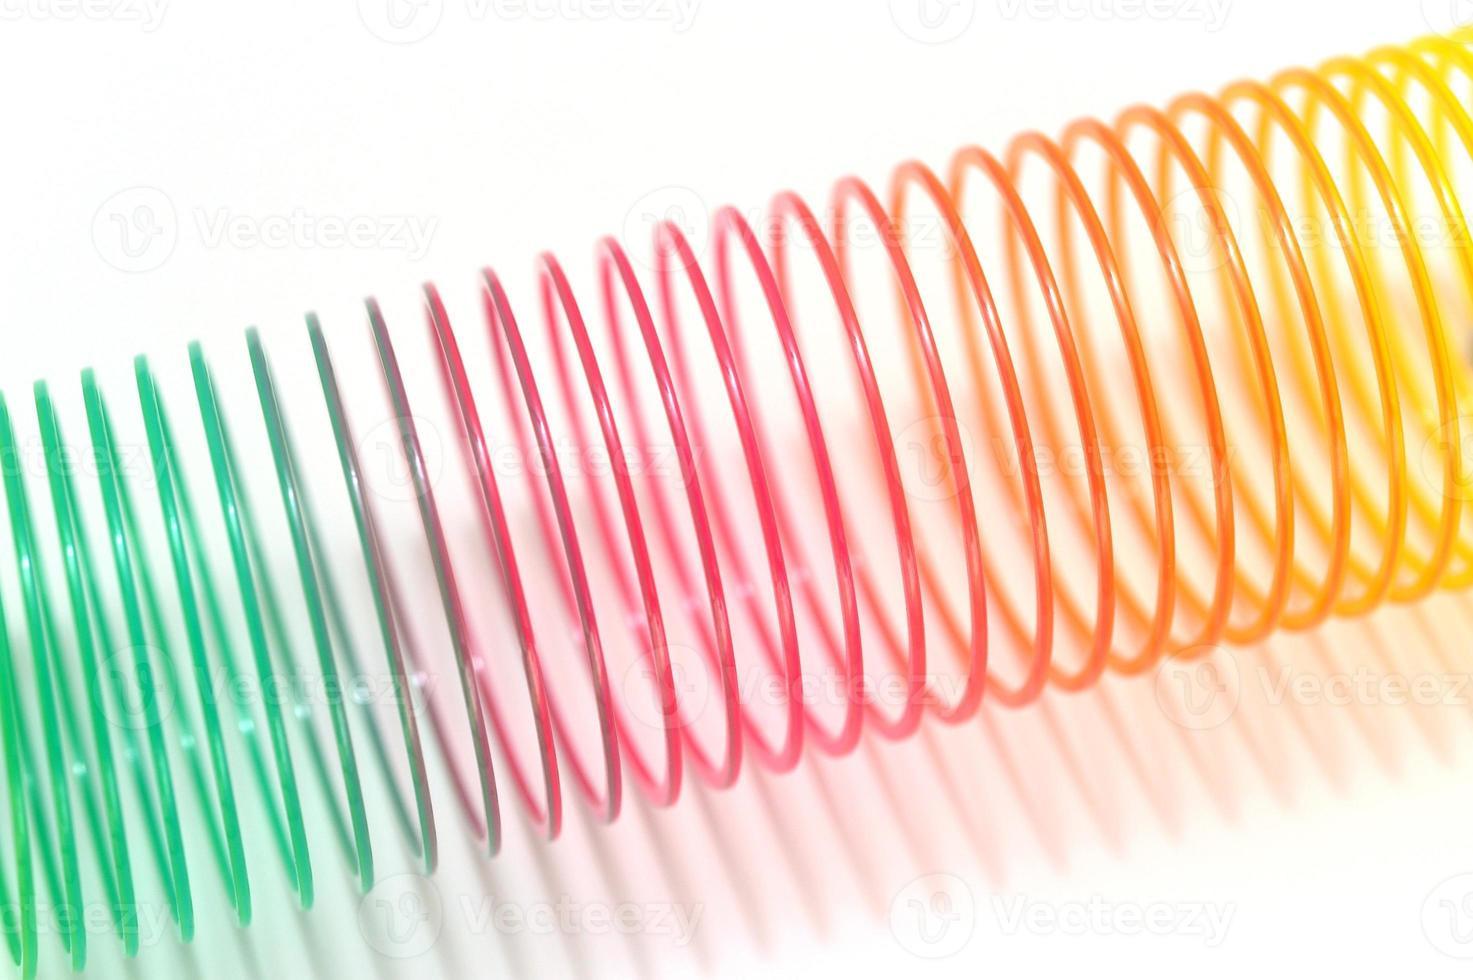 jouet à ressort hélicoïdal photo